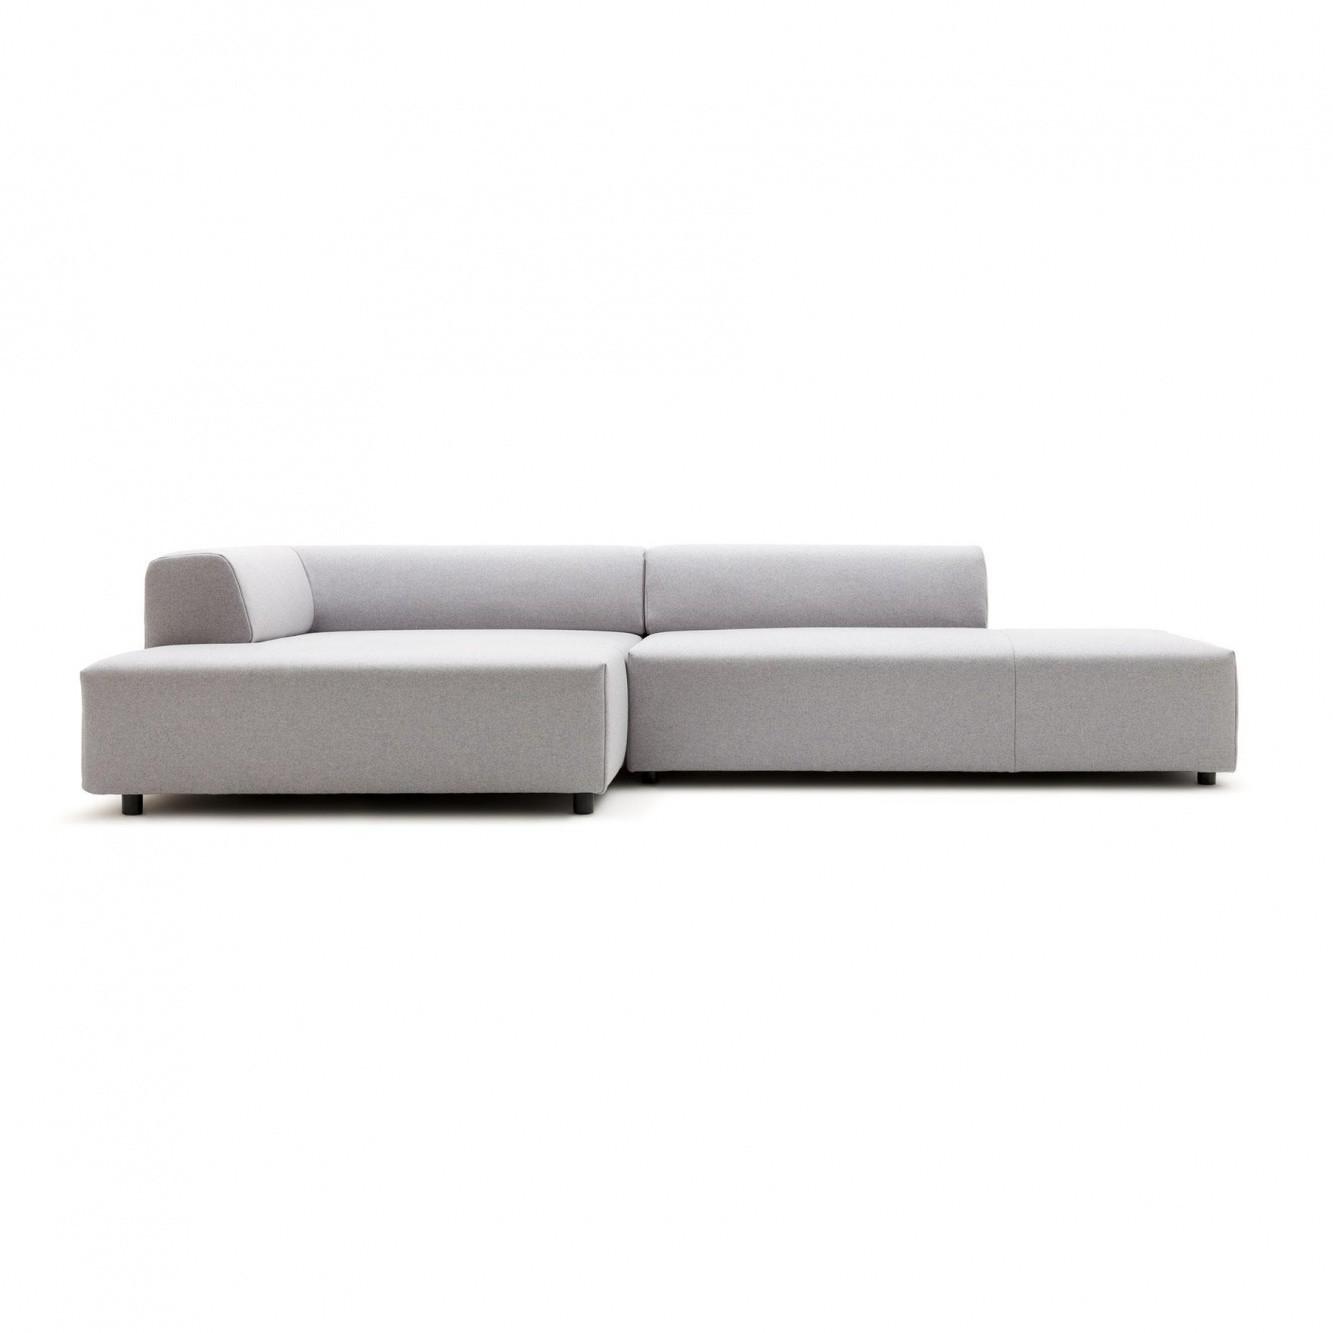 Full Size of Freistil Ausstellungsstück Rolf Benz 184 Lounge Sofa Ambientedirect Küche Bett Wohnzimmer Freistil Ausstellungsstück